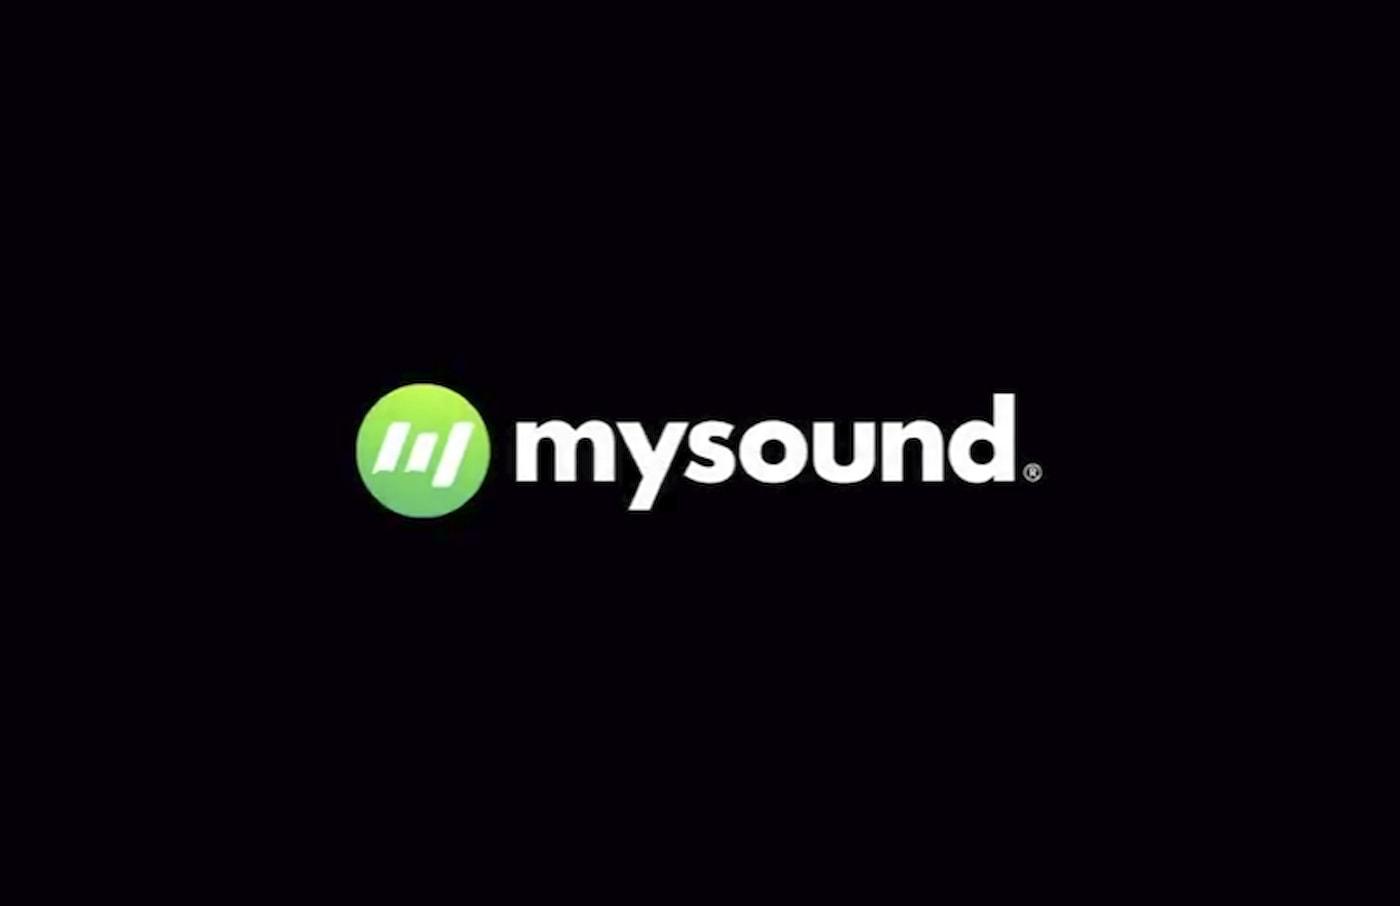 アコギ好きにおすすめのアプリ!『mysound』とは?